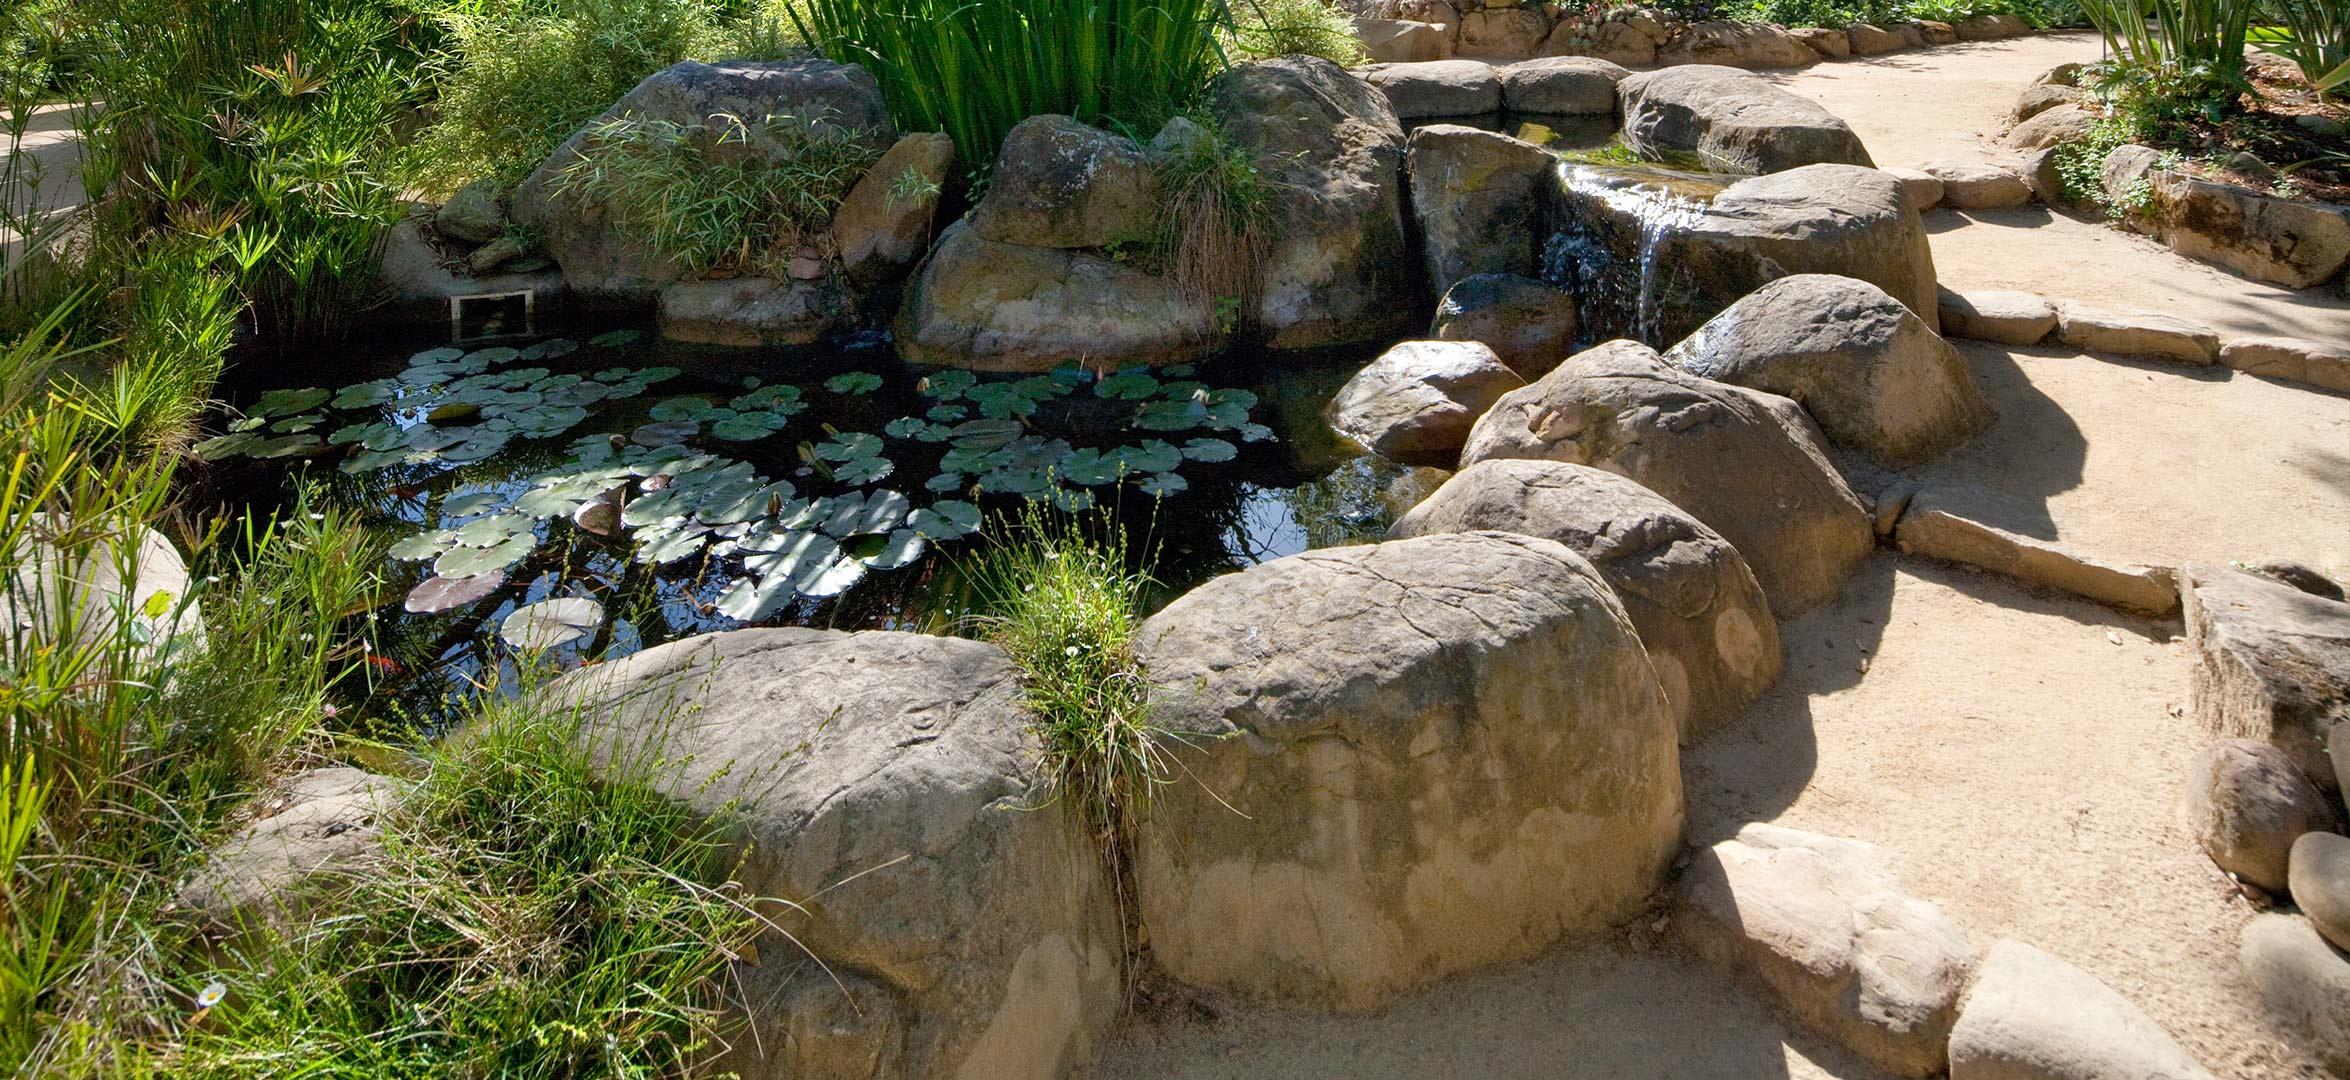 pond-dg-boulder-steps.jpg